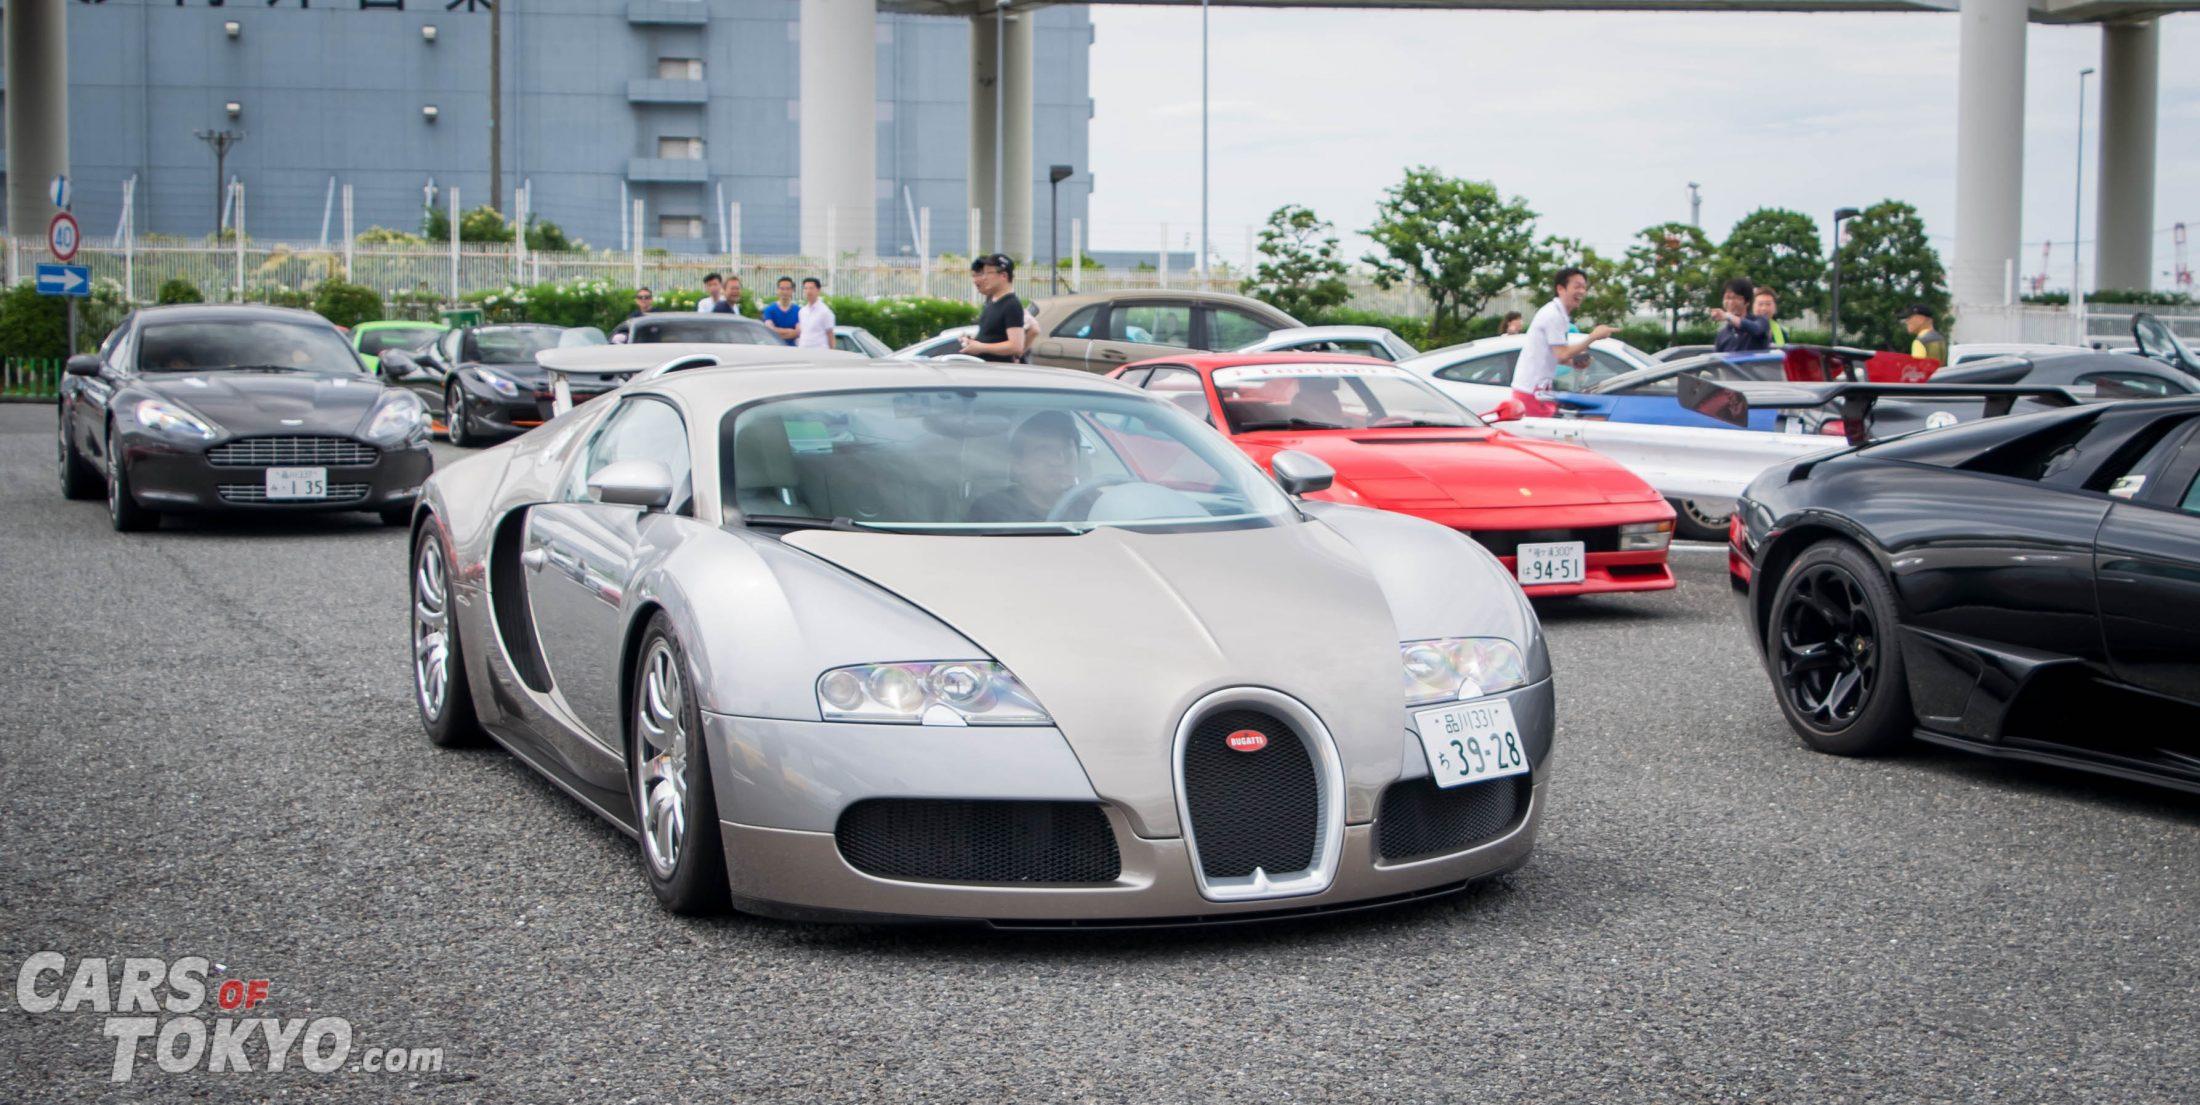 cars-of-tokyo-hypercars-bugatti-veyron